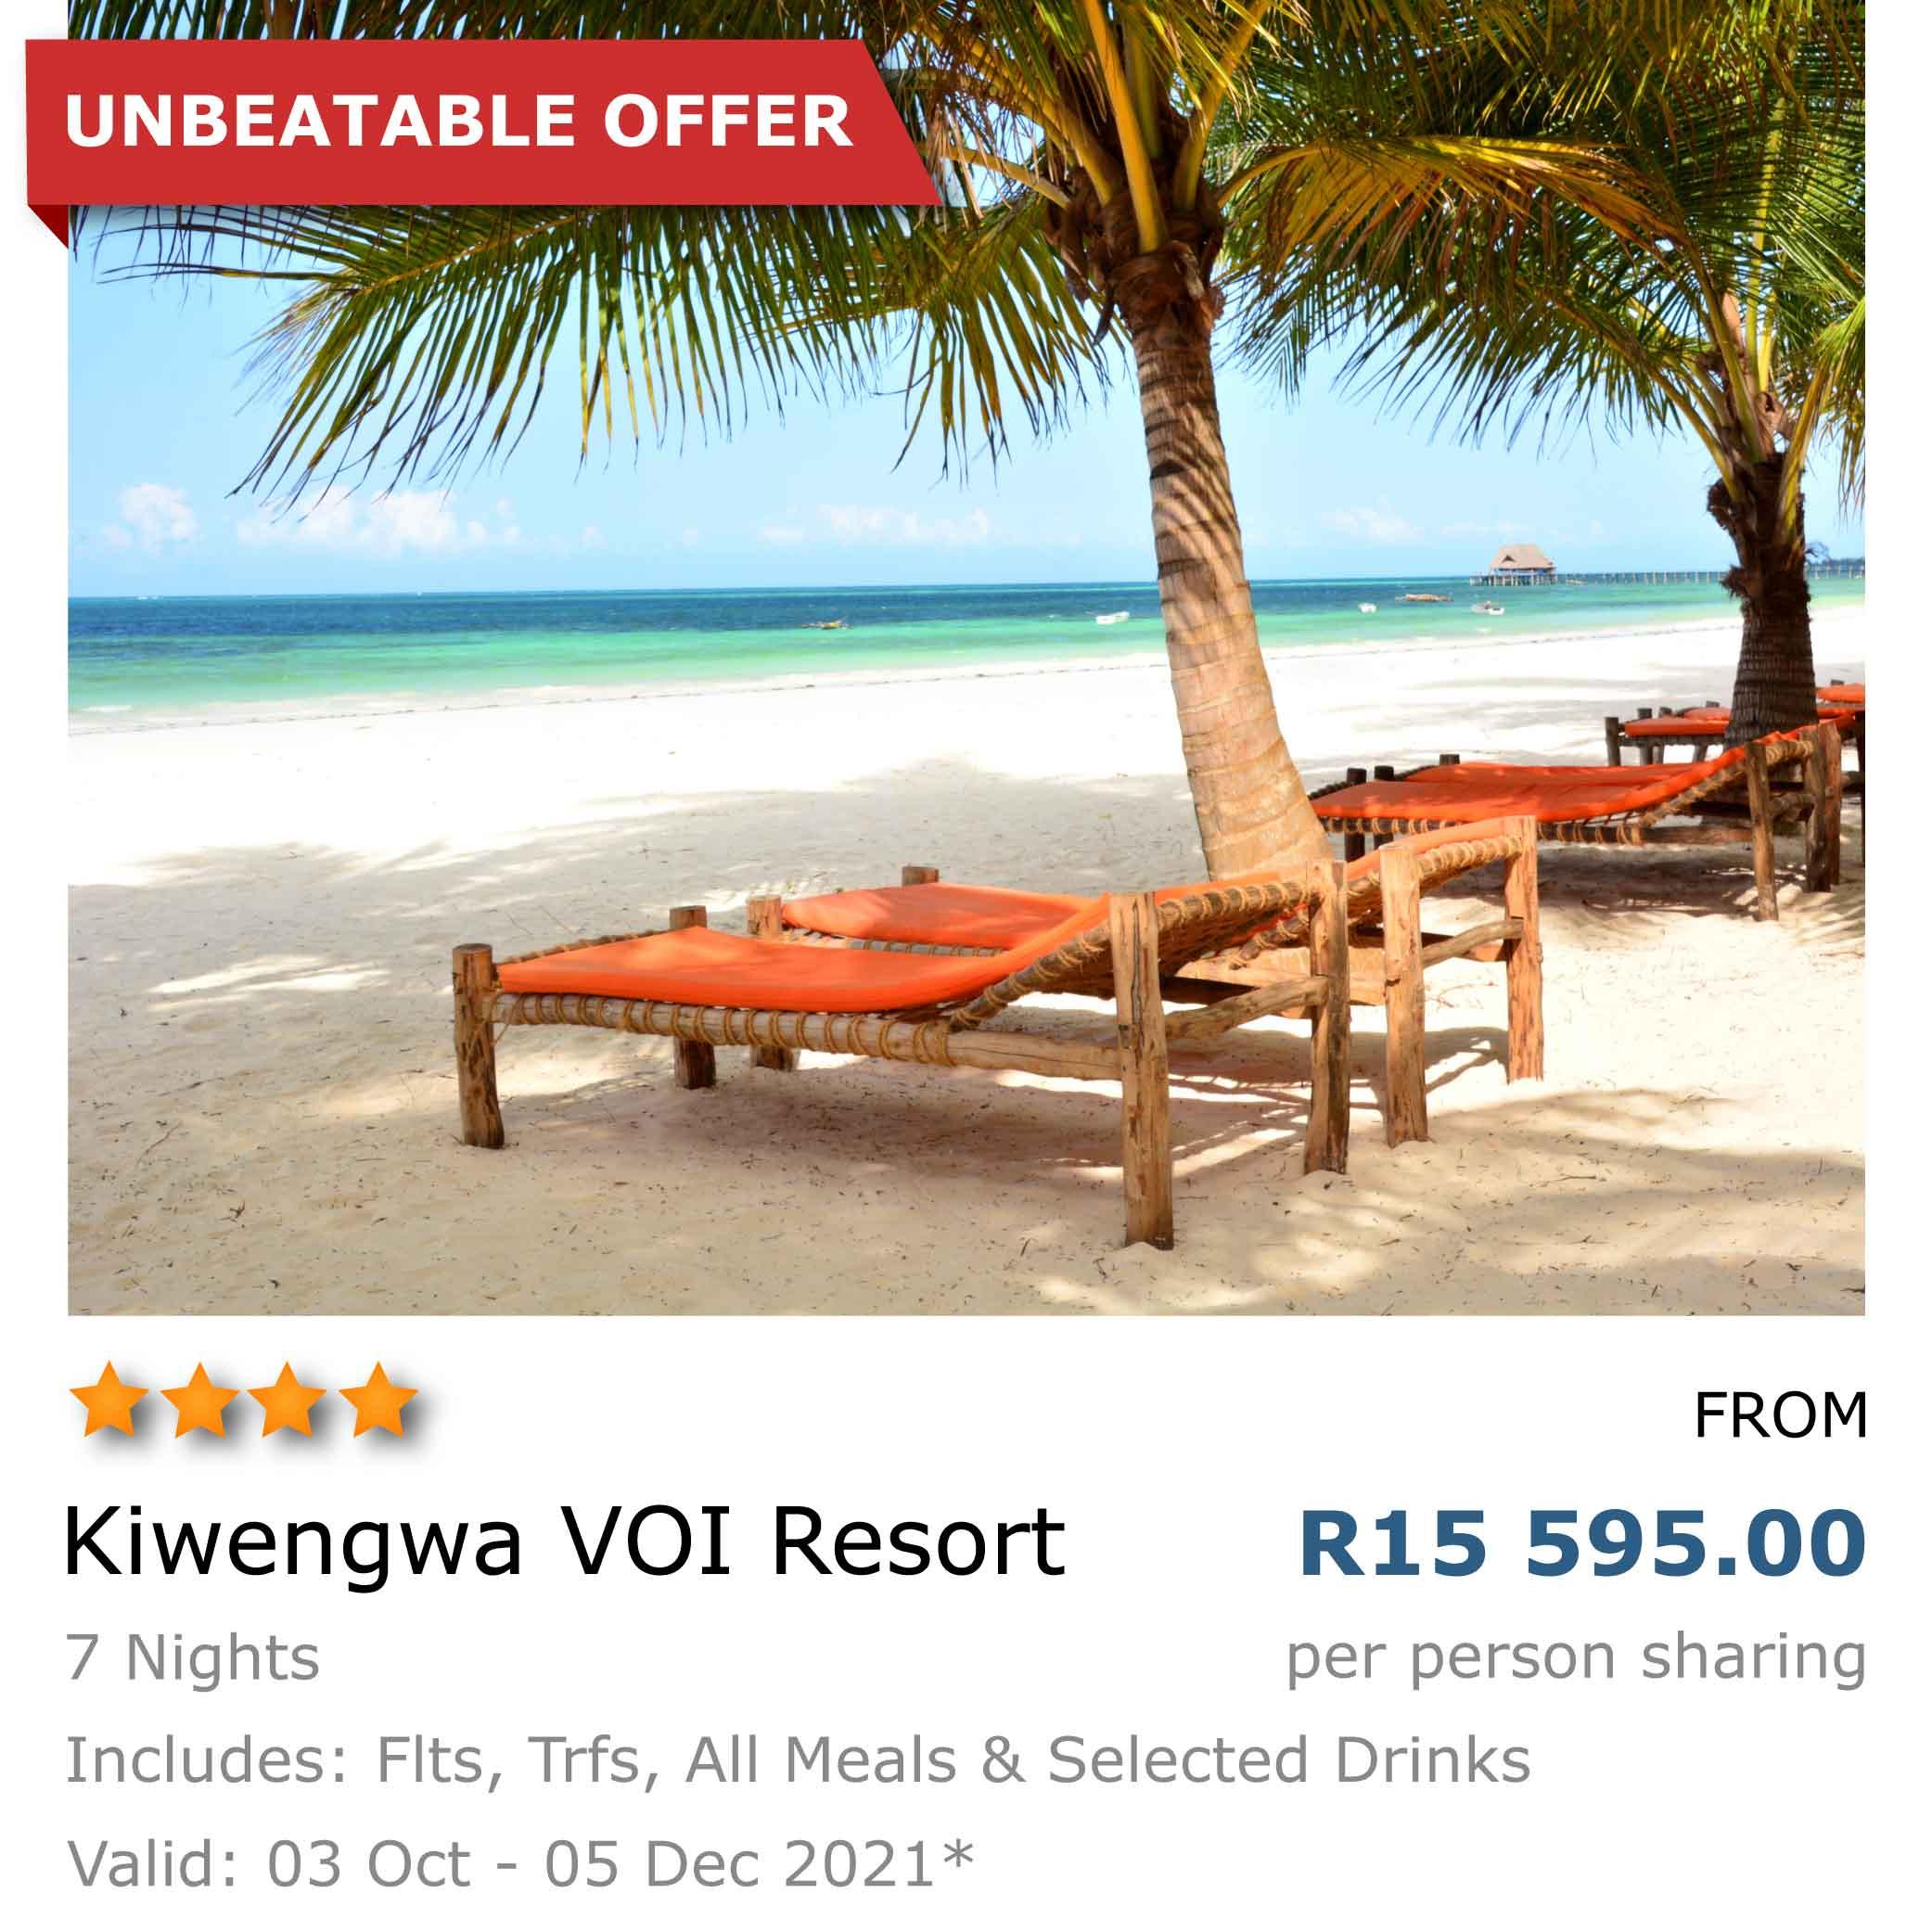 Kiwengwa VOI Resort